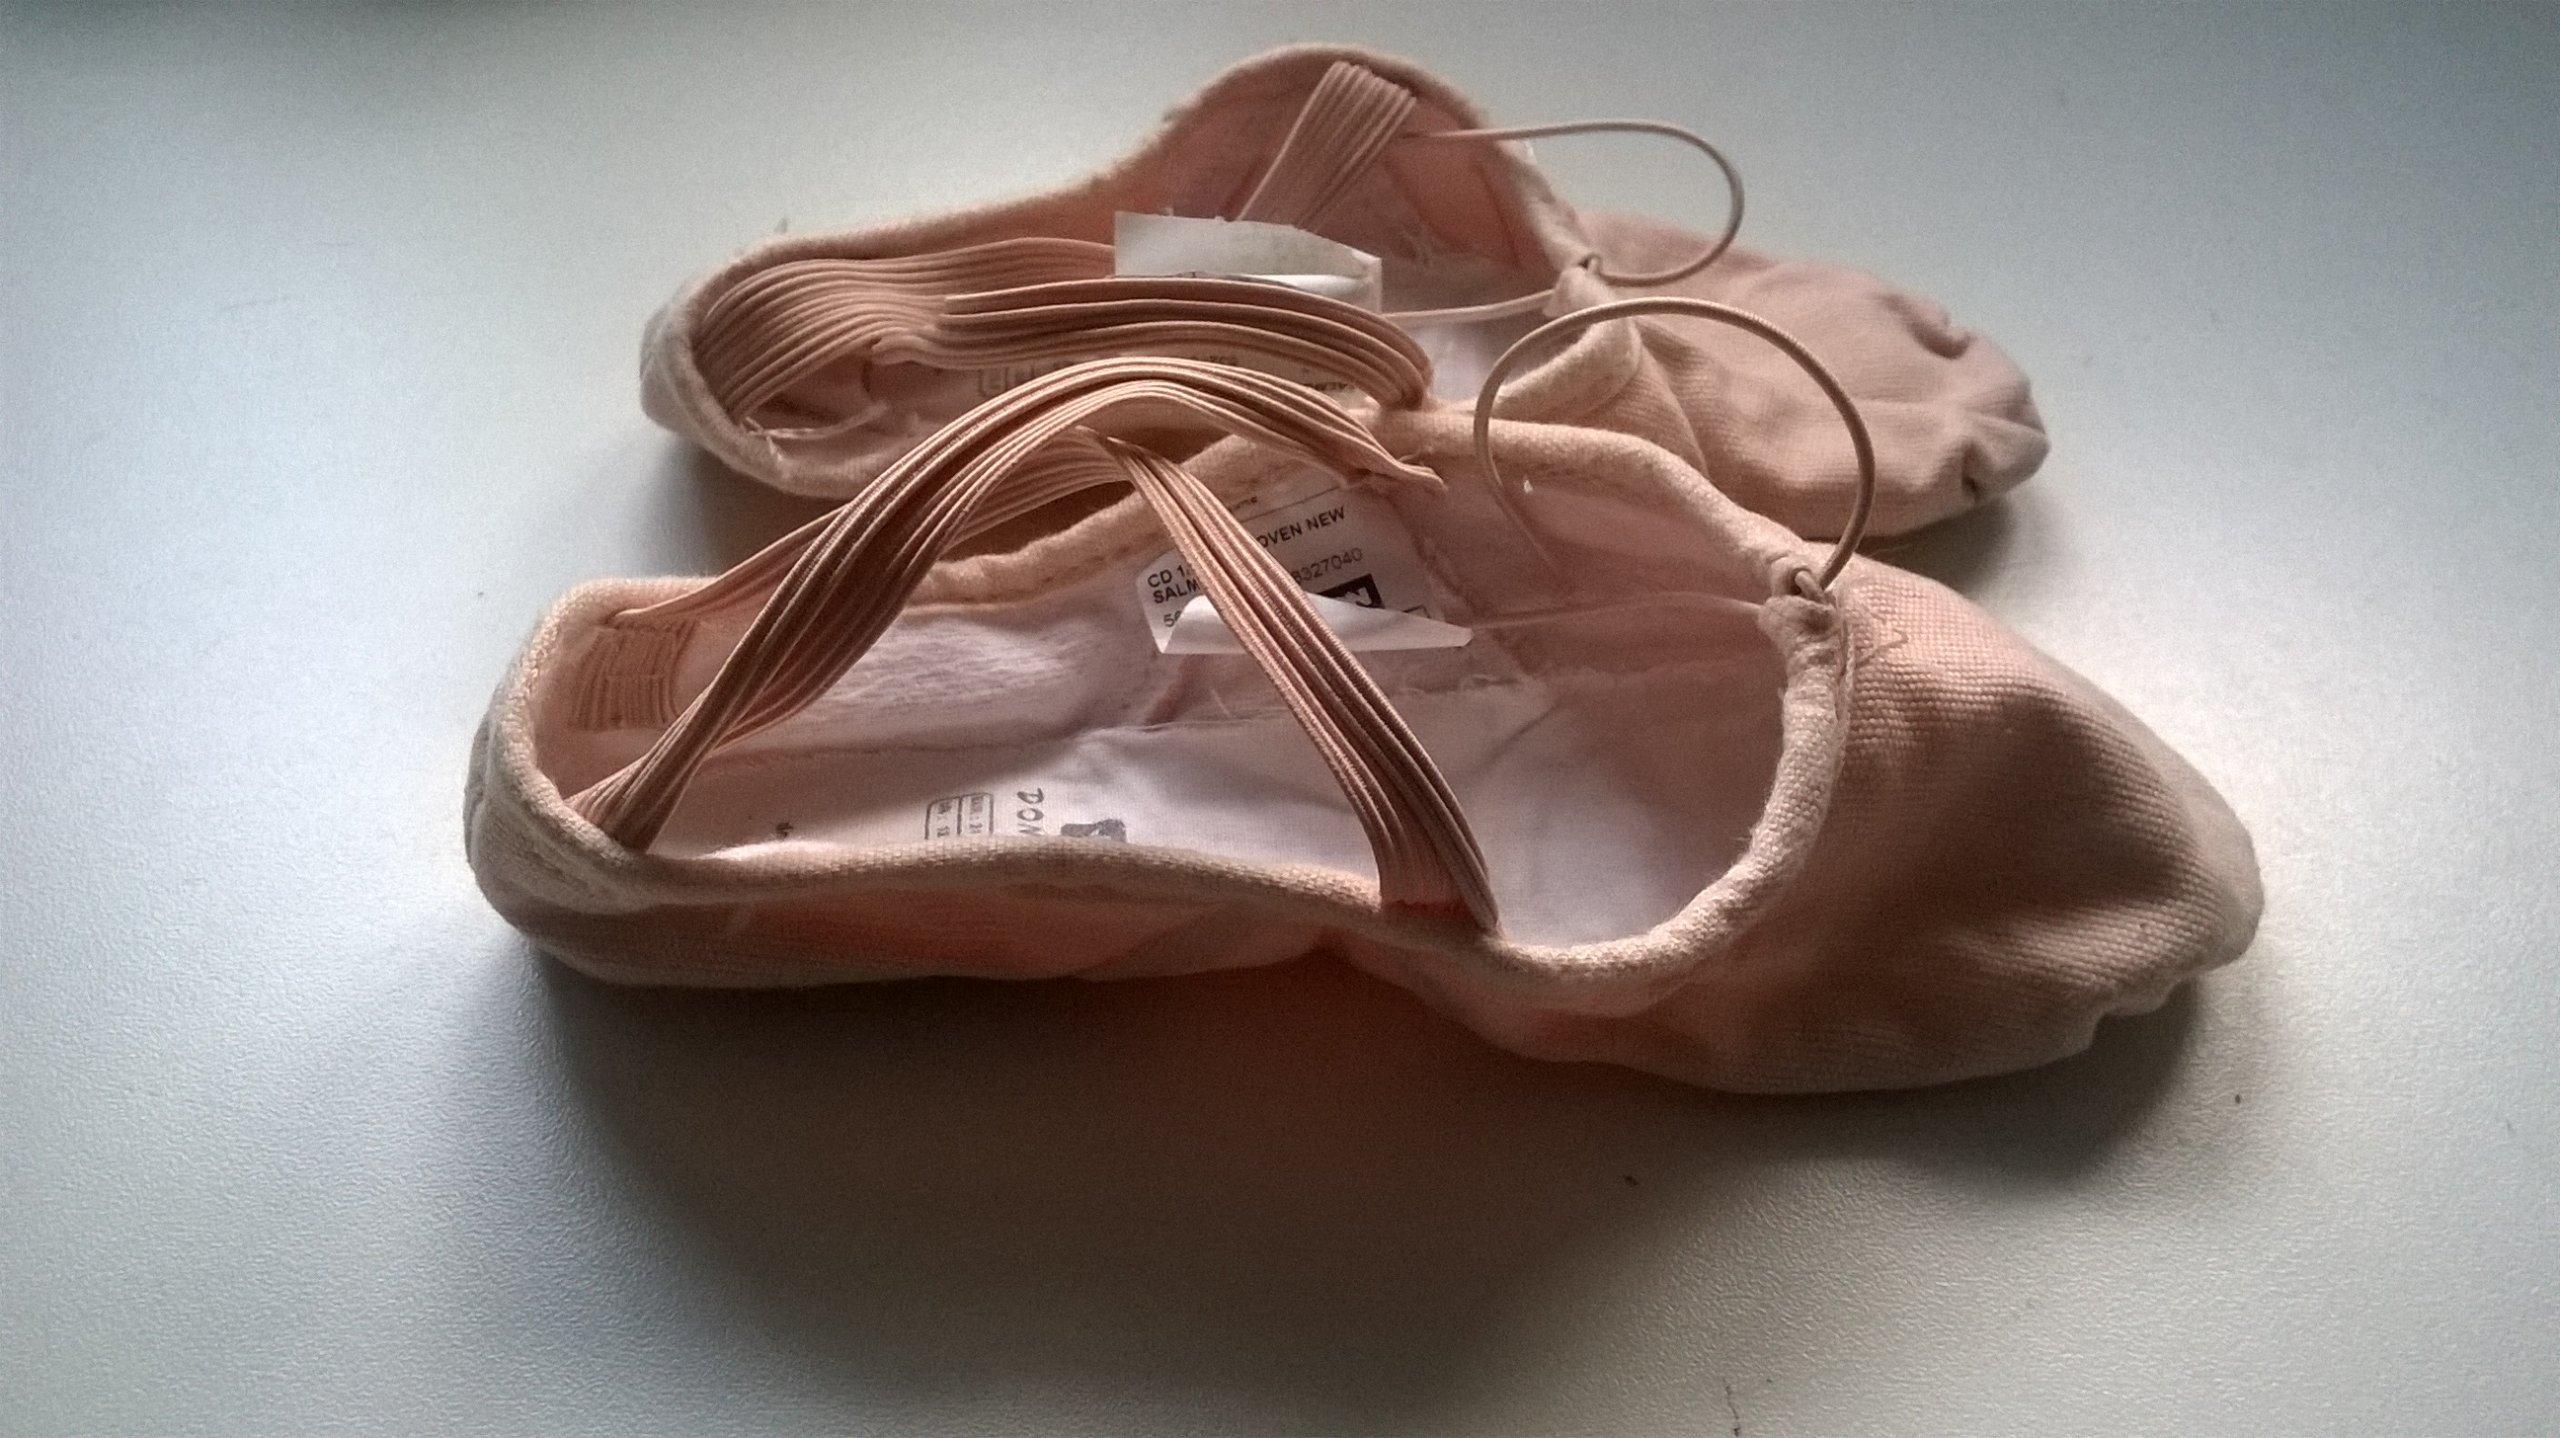 ca9400c3 DECATHLON baletki dwudzielna podeszwa 29/30 - 7245671712 - oficjalne ...